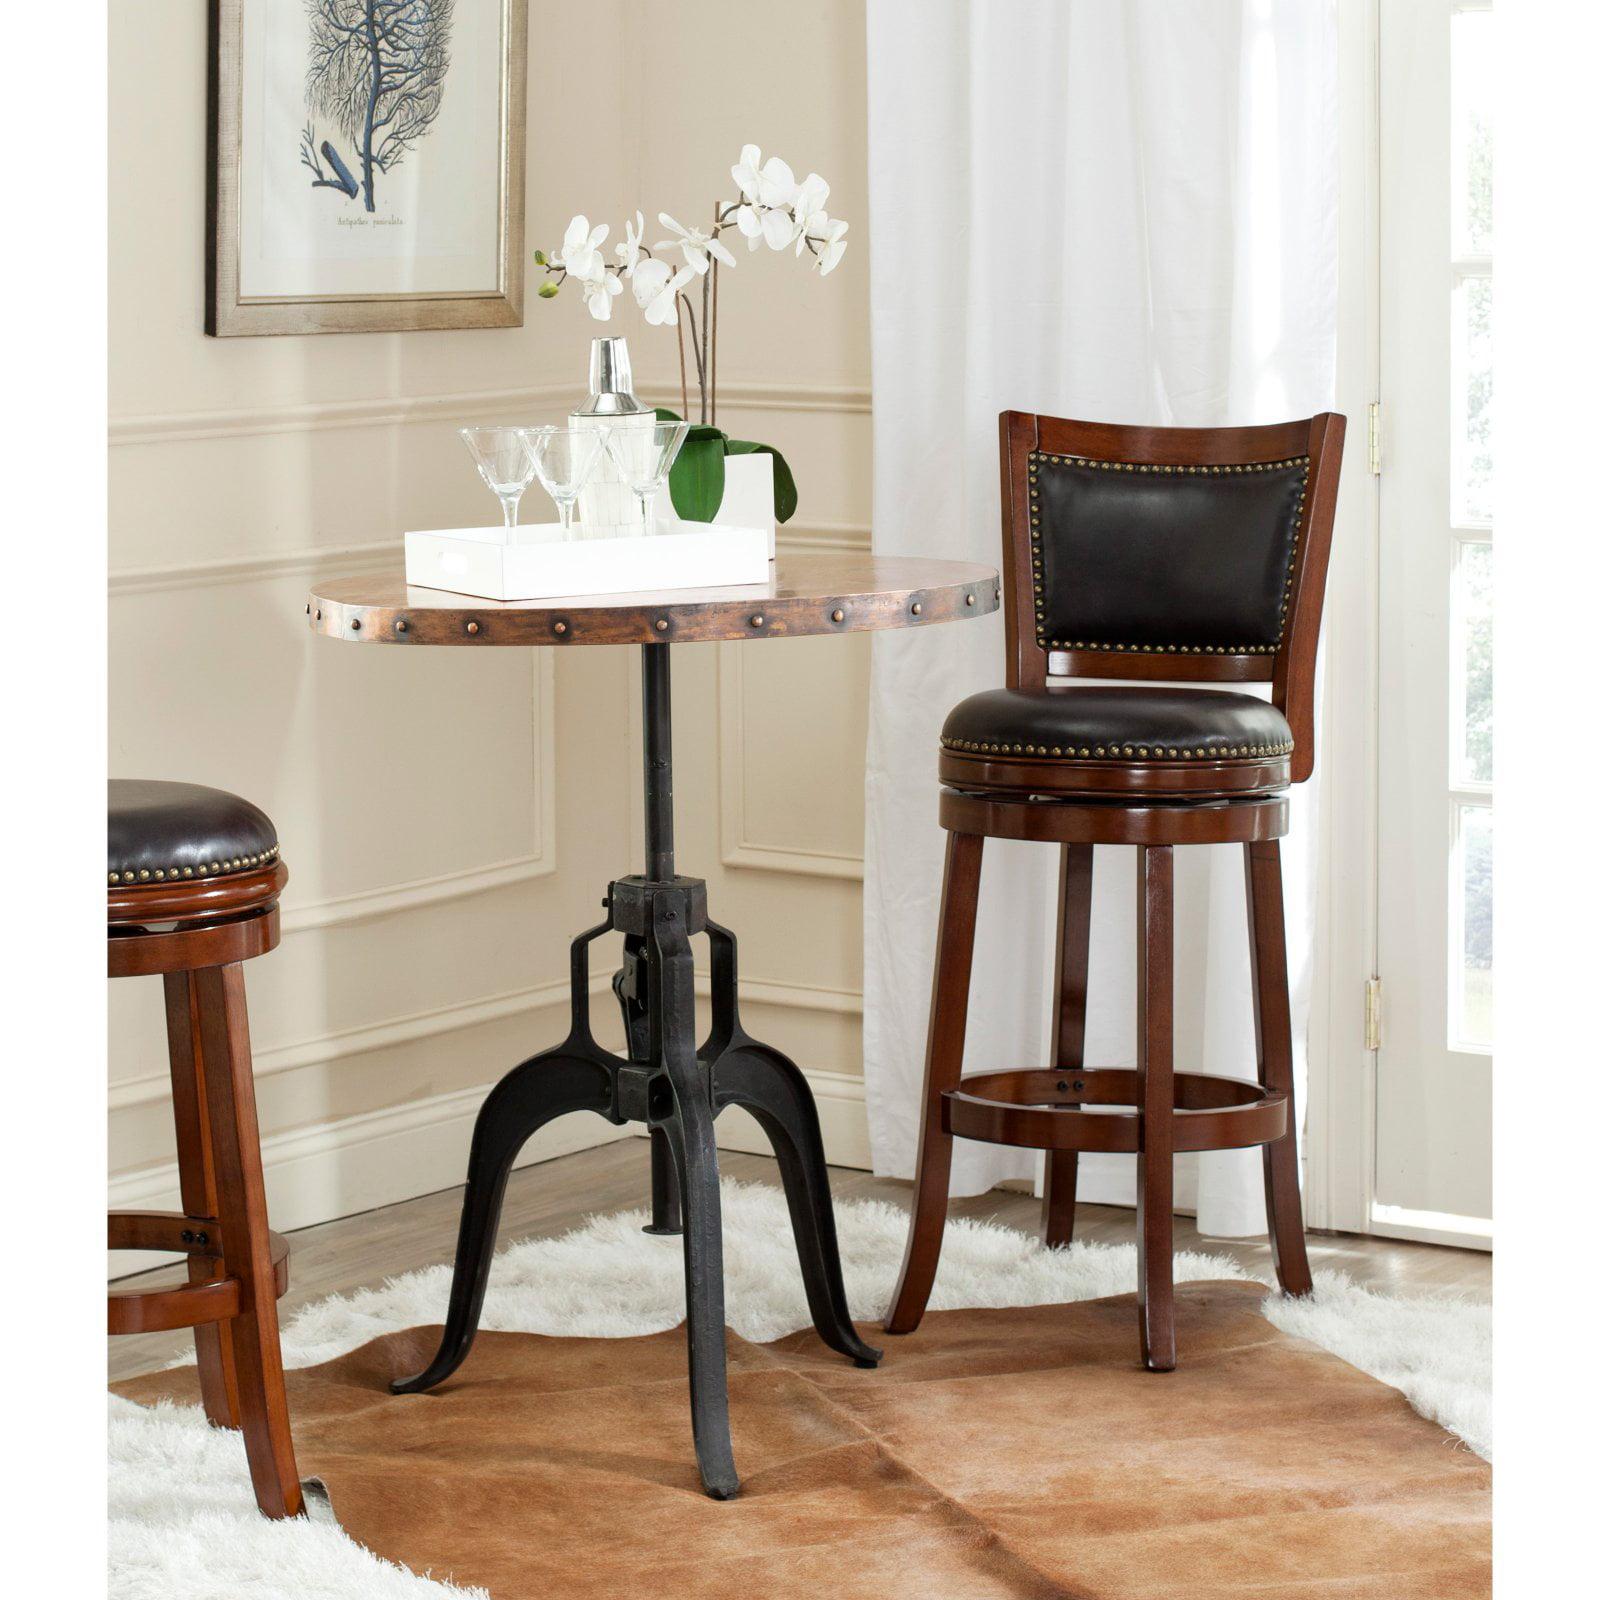 Safavieh Nesta Crank Table, Black and Copper Top